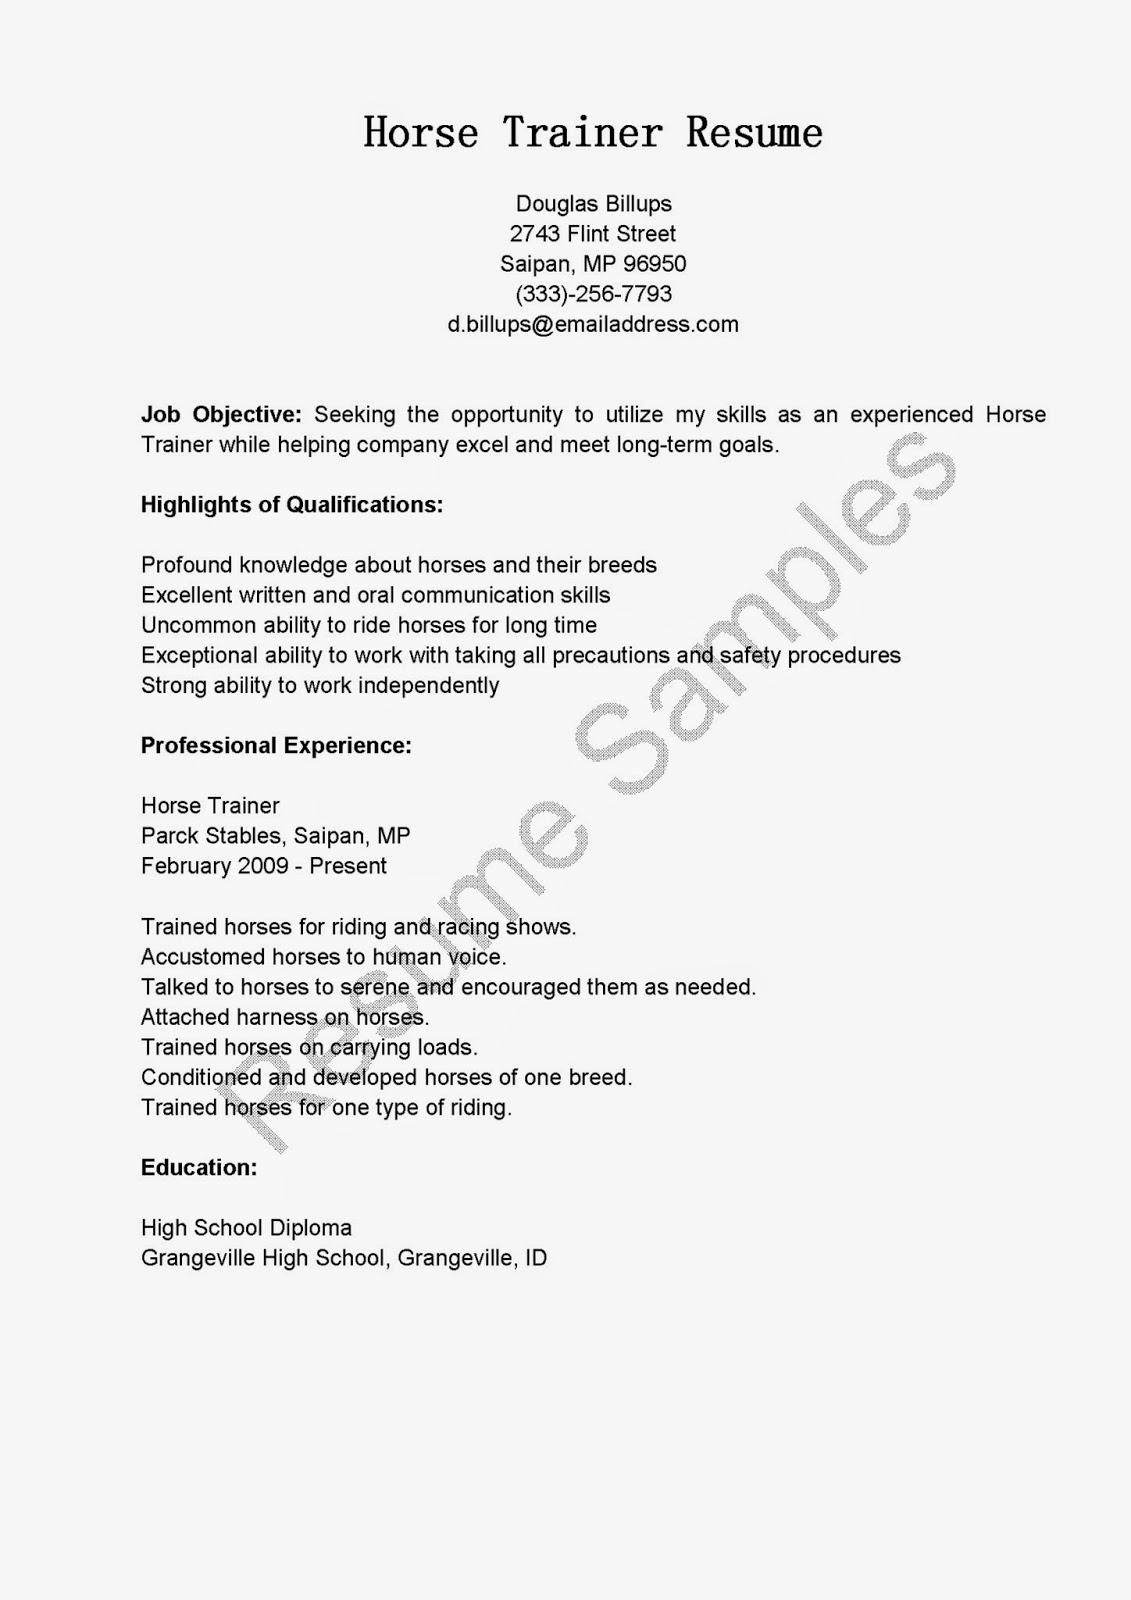 horse trainer resume